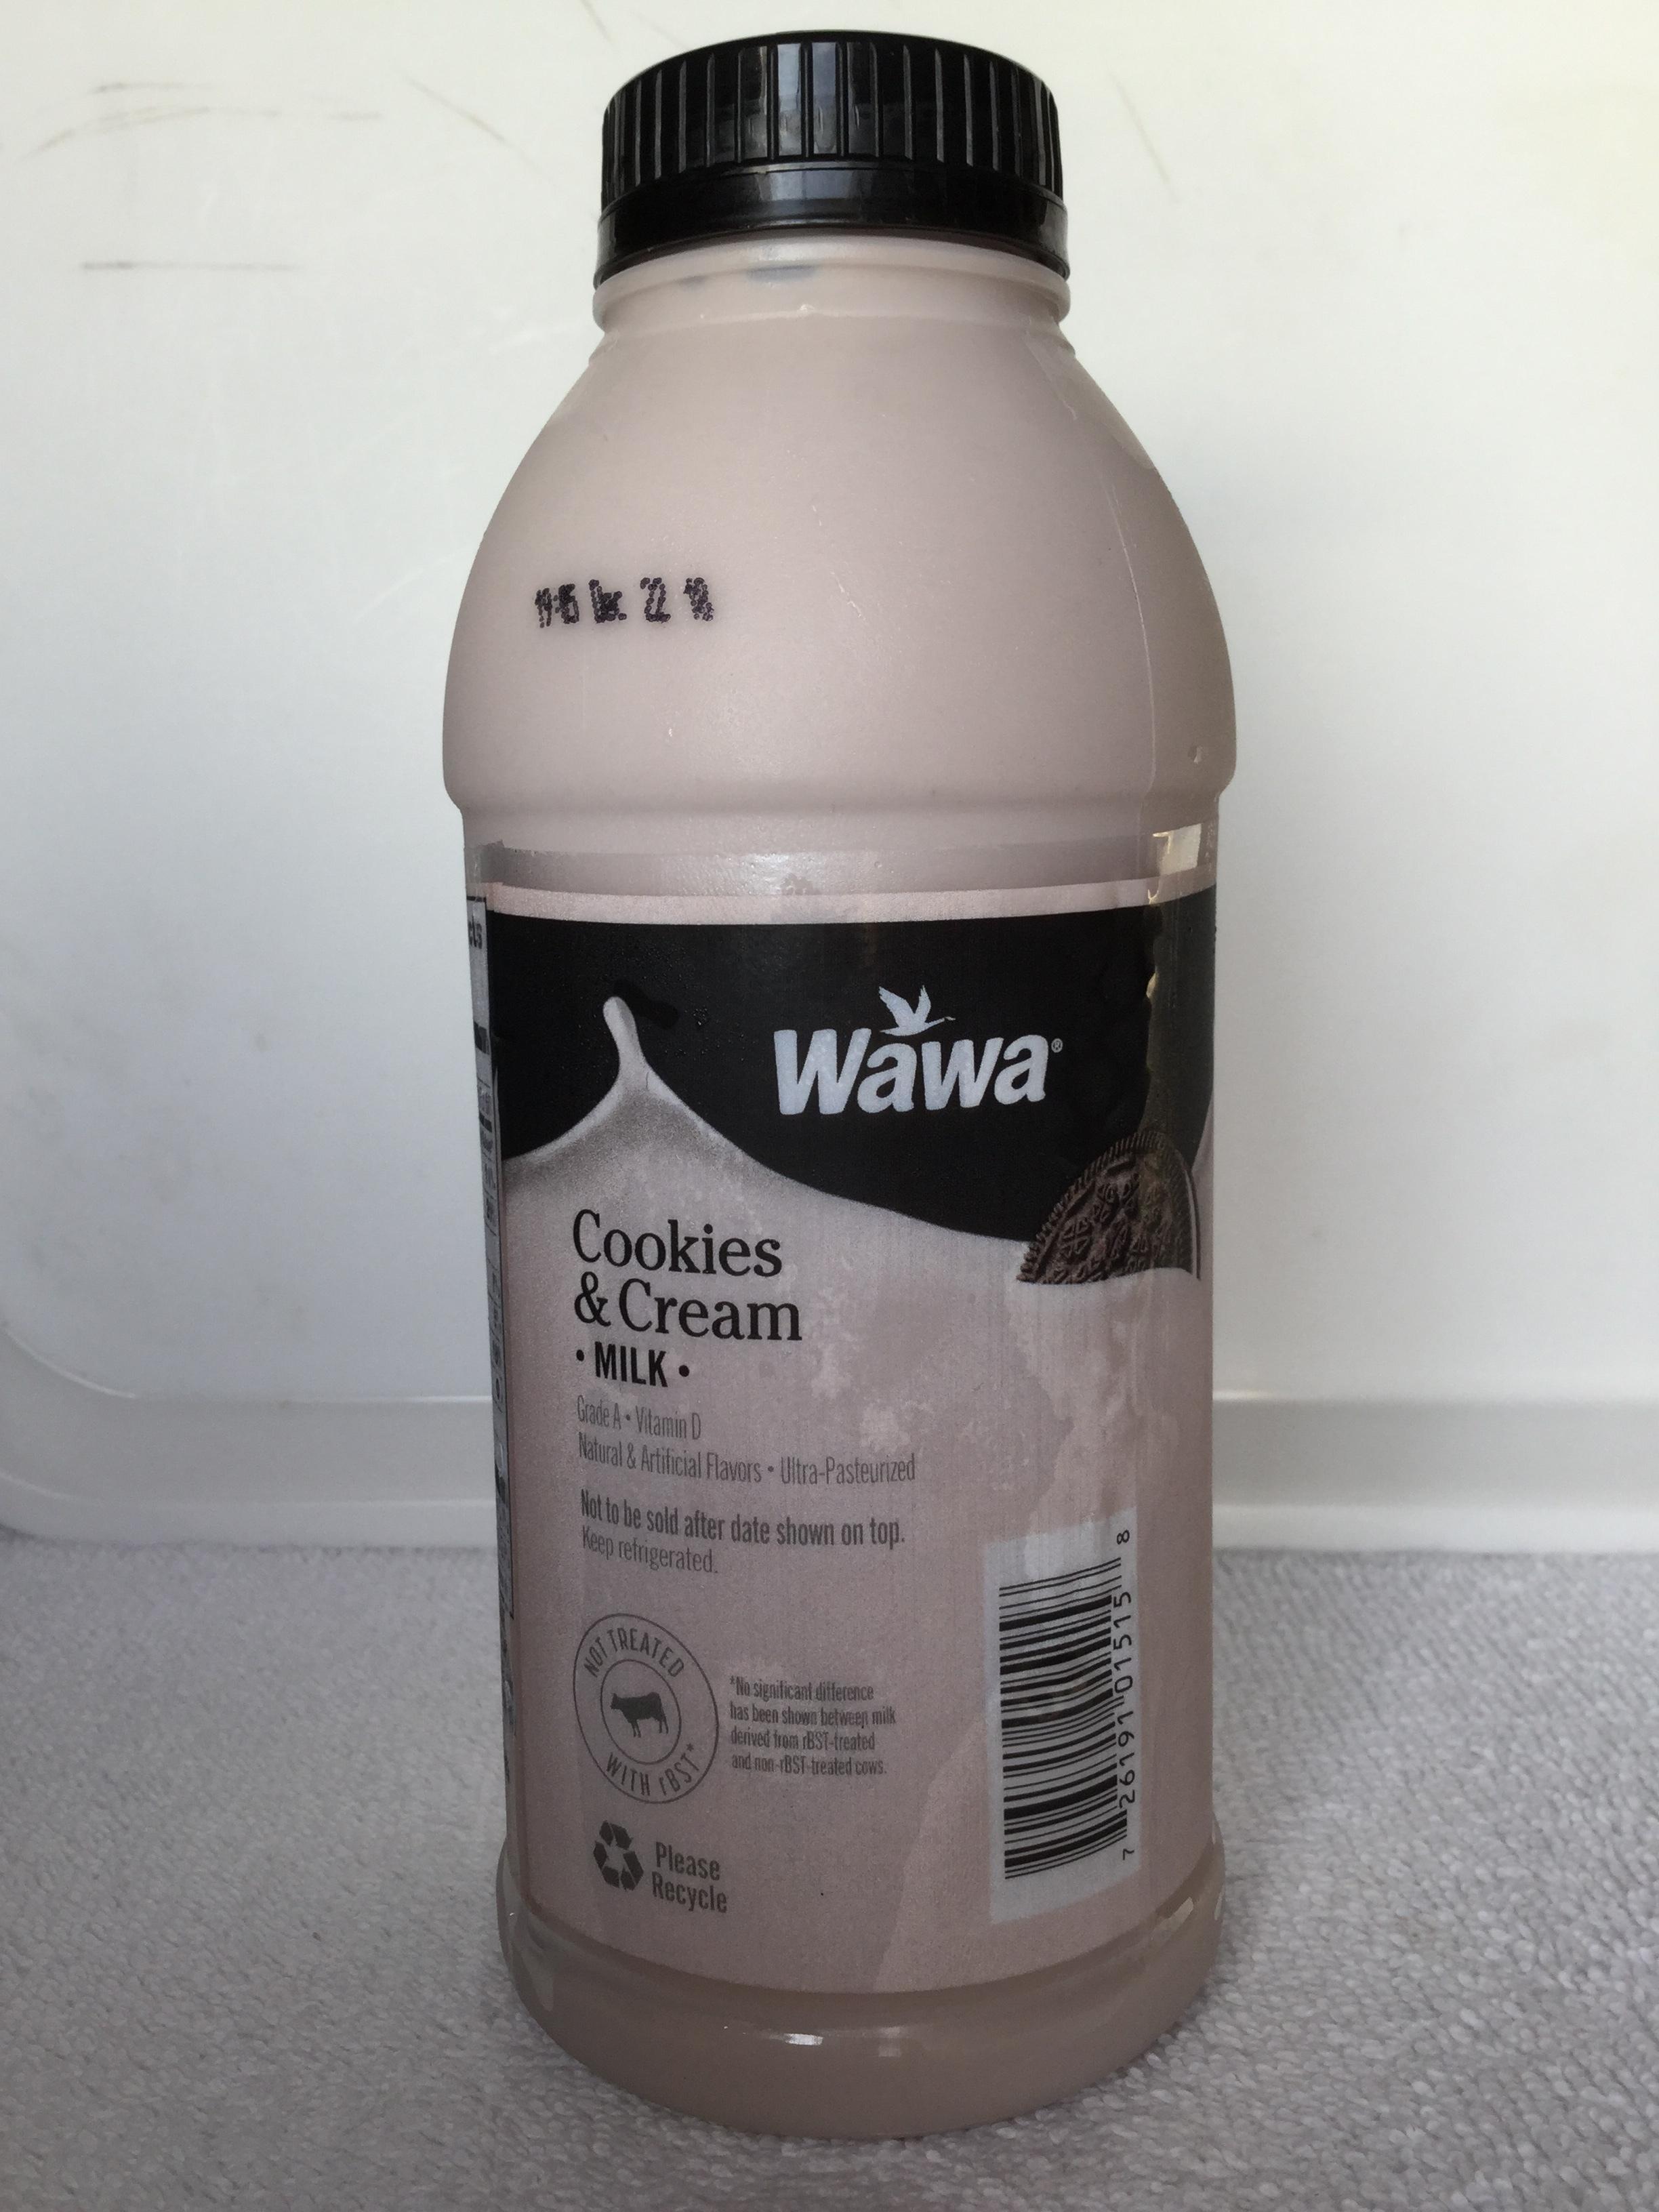 Wawa Cookies & Cream Milk Side 2